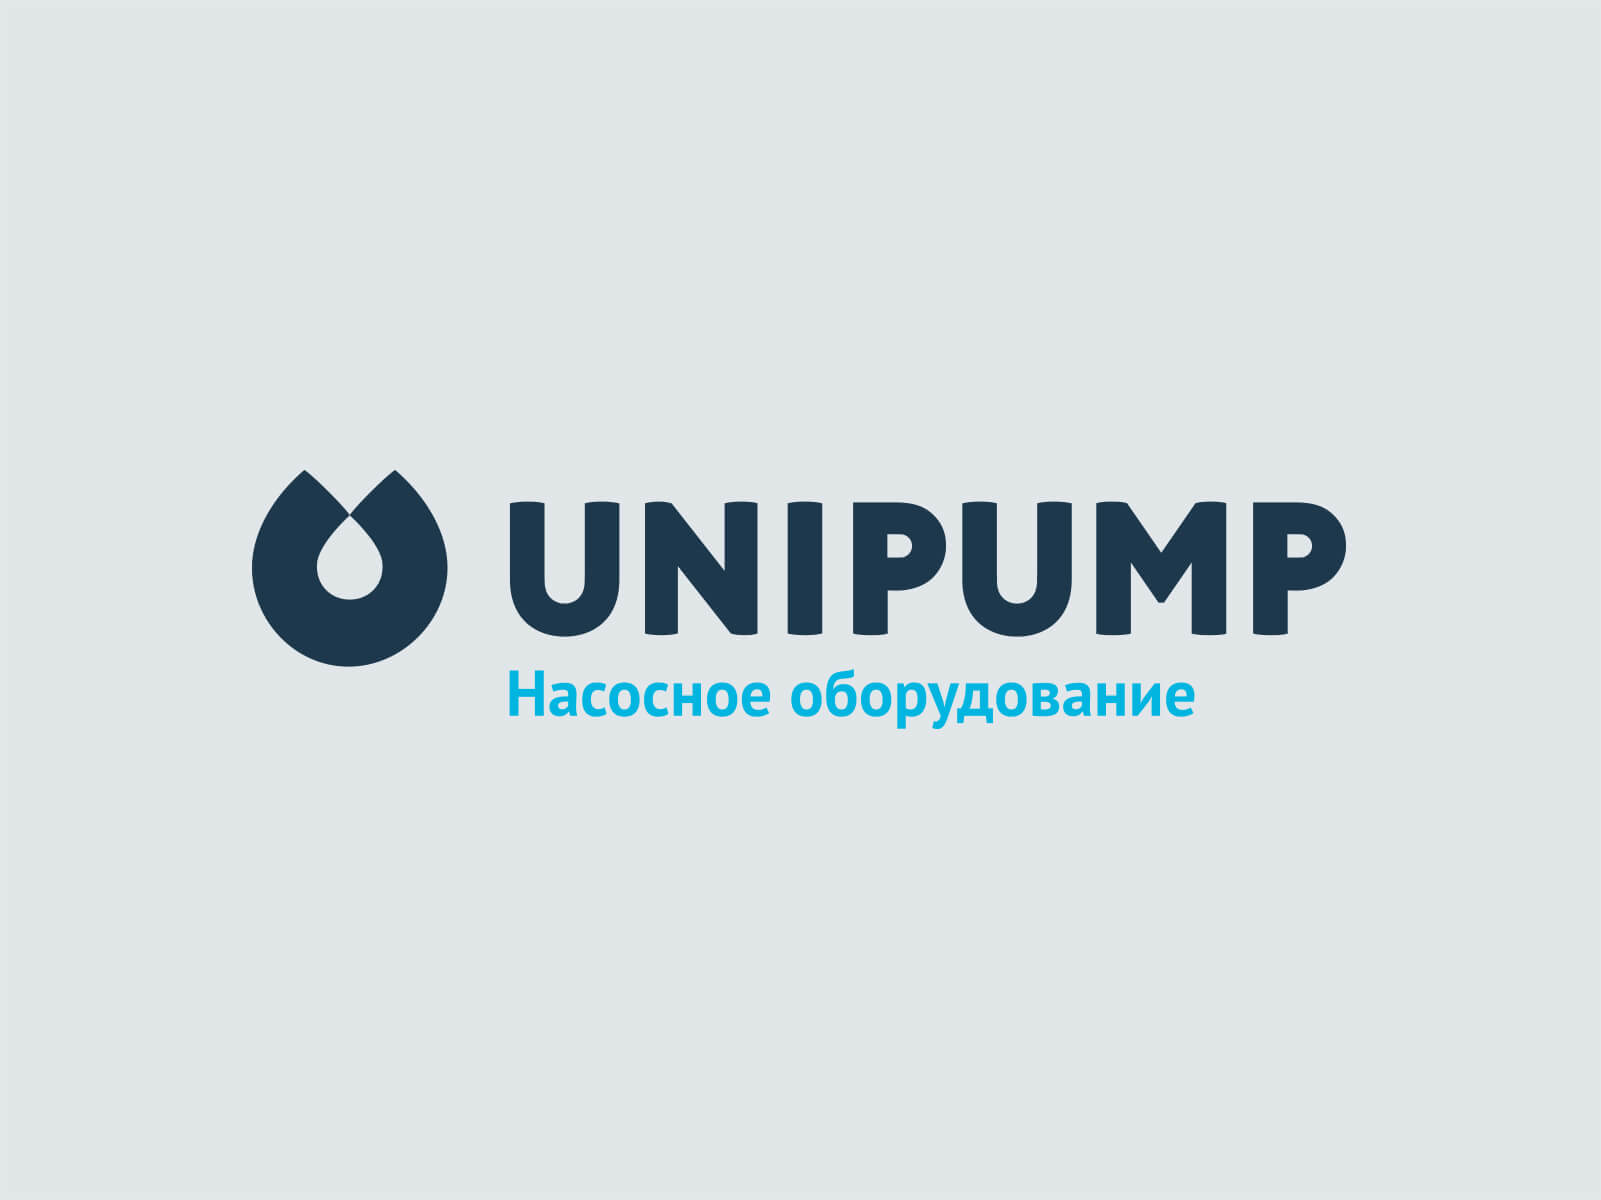 Ремонт Unipump